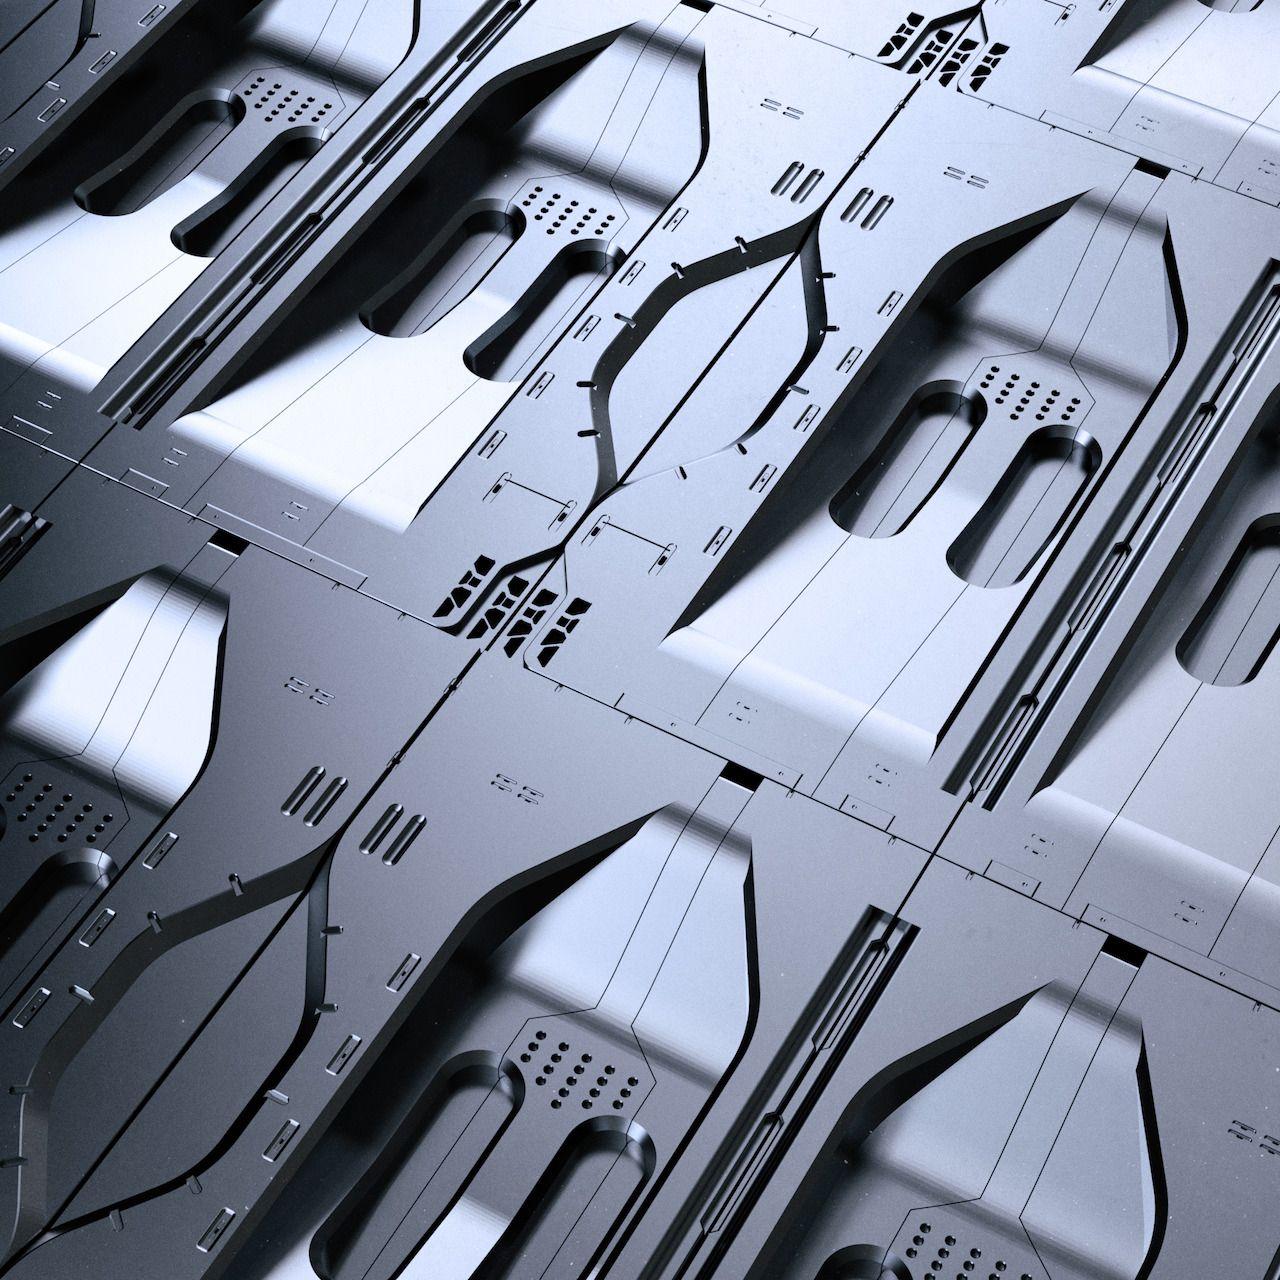 24 floor plan aspen excel hard surface for Innenraum designer programm